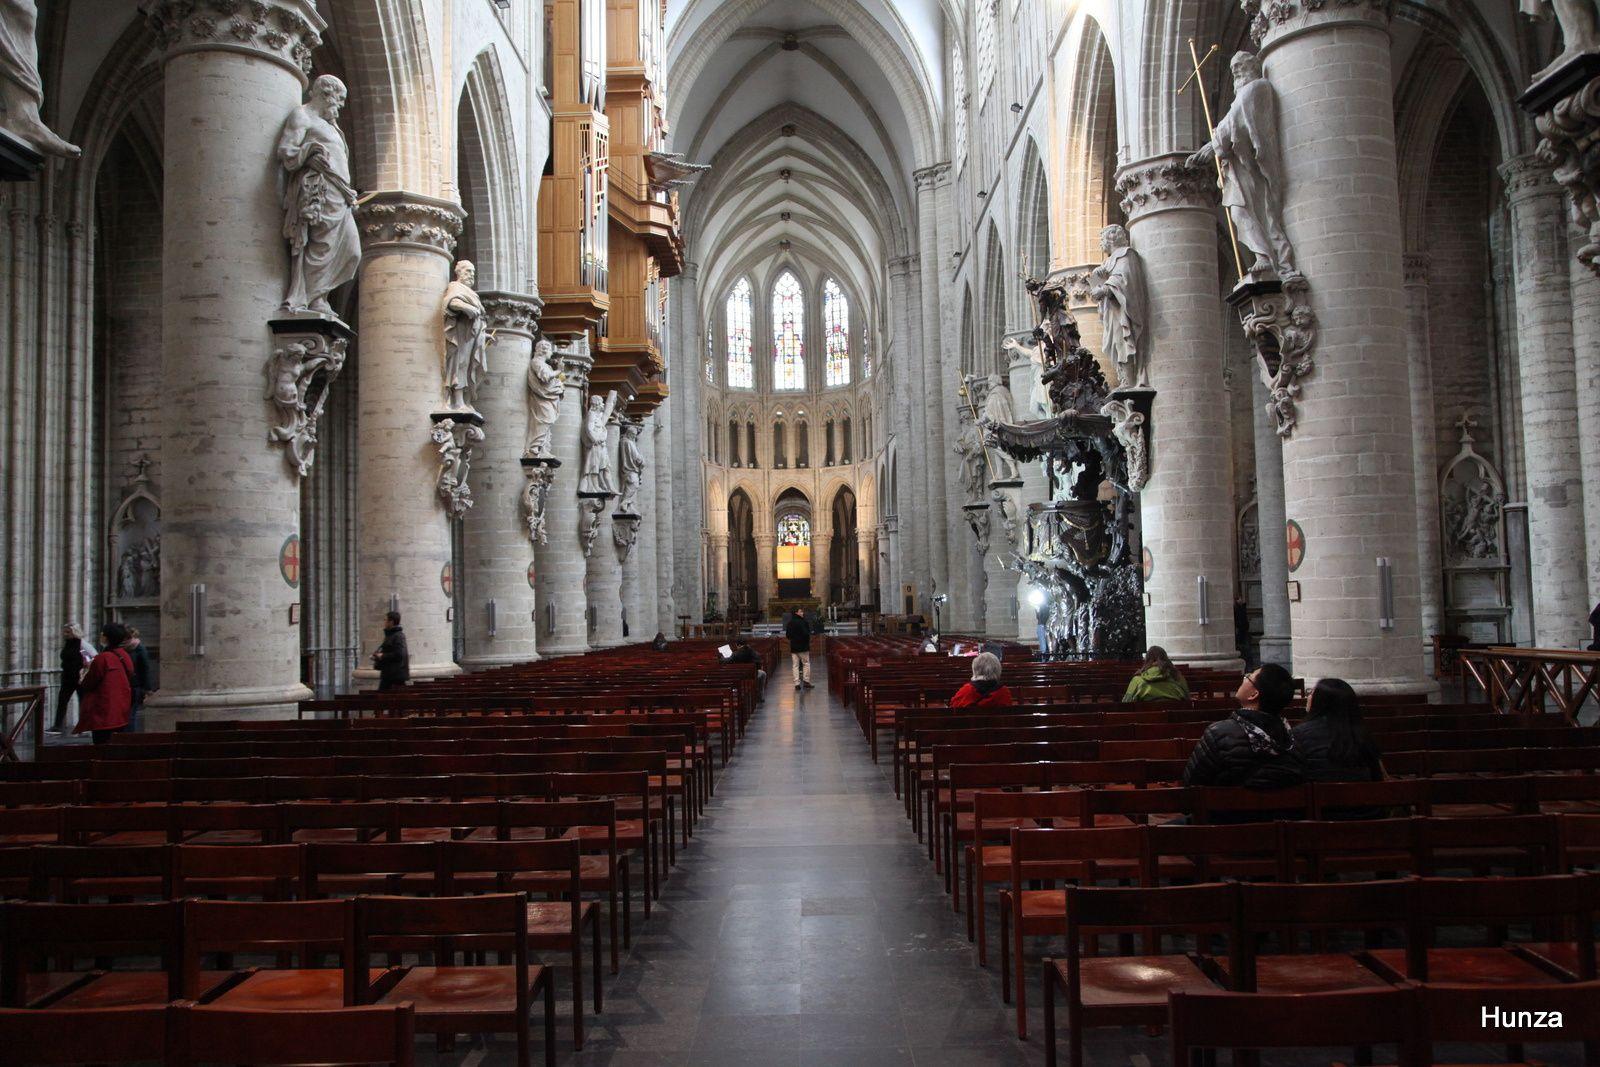 Intérieur de la cathédrale Saints Michel-et-Gudule de Bruxelles